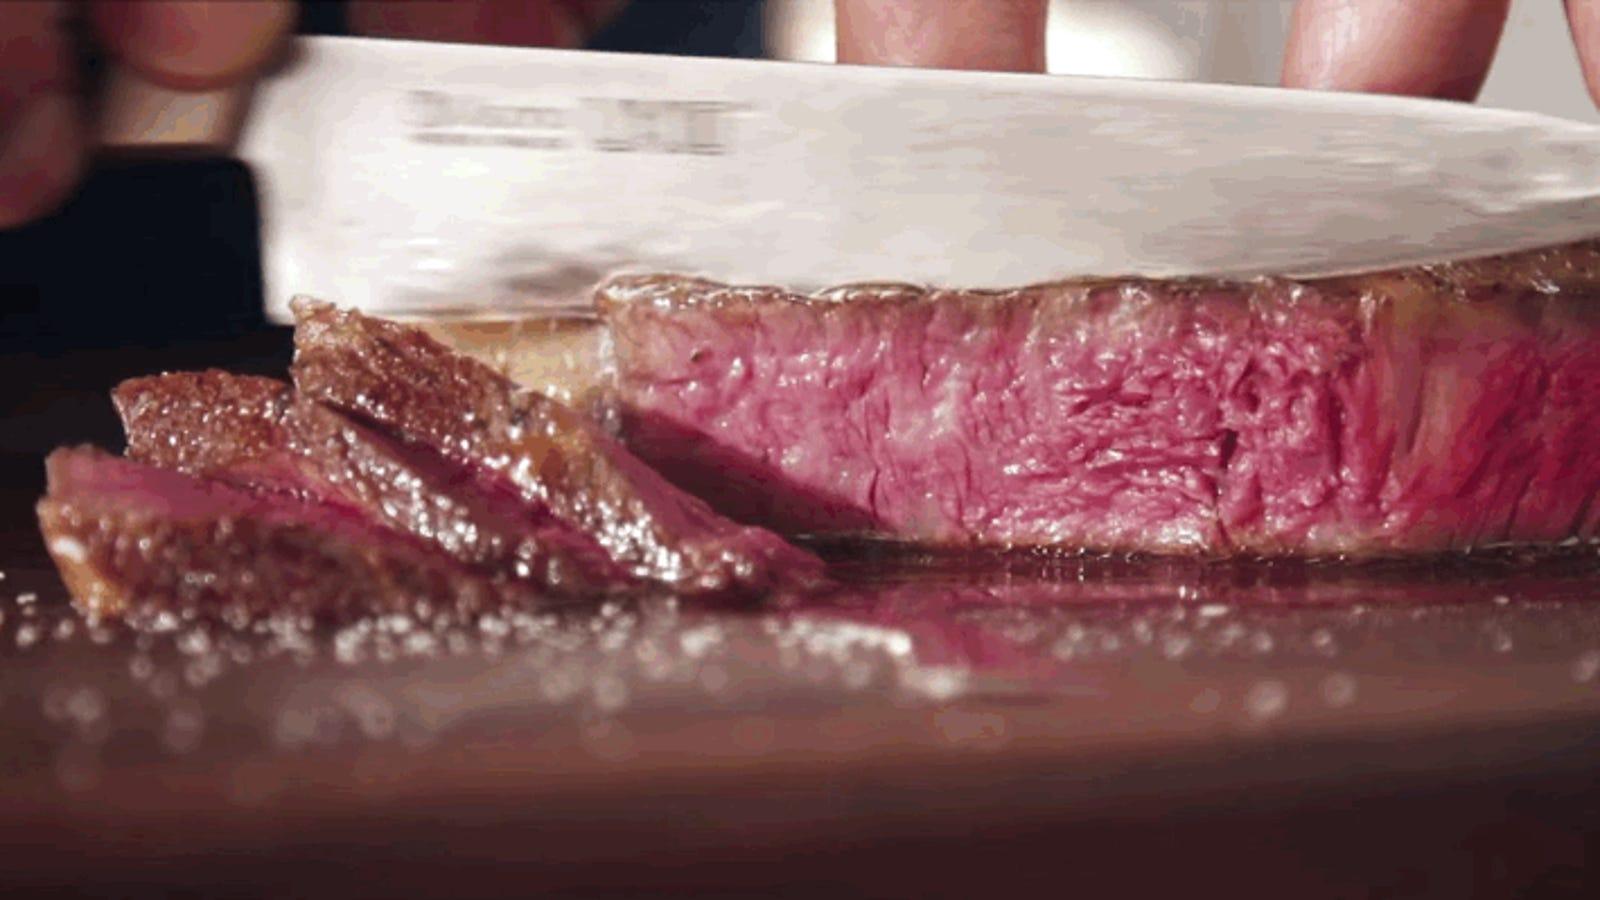 La mejor manera de cocinar un filete, según la ciencia